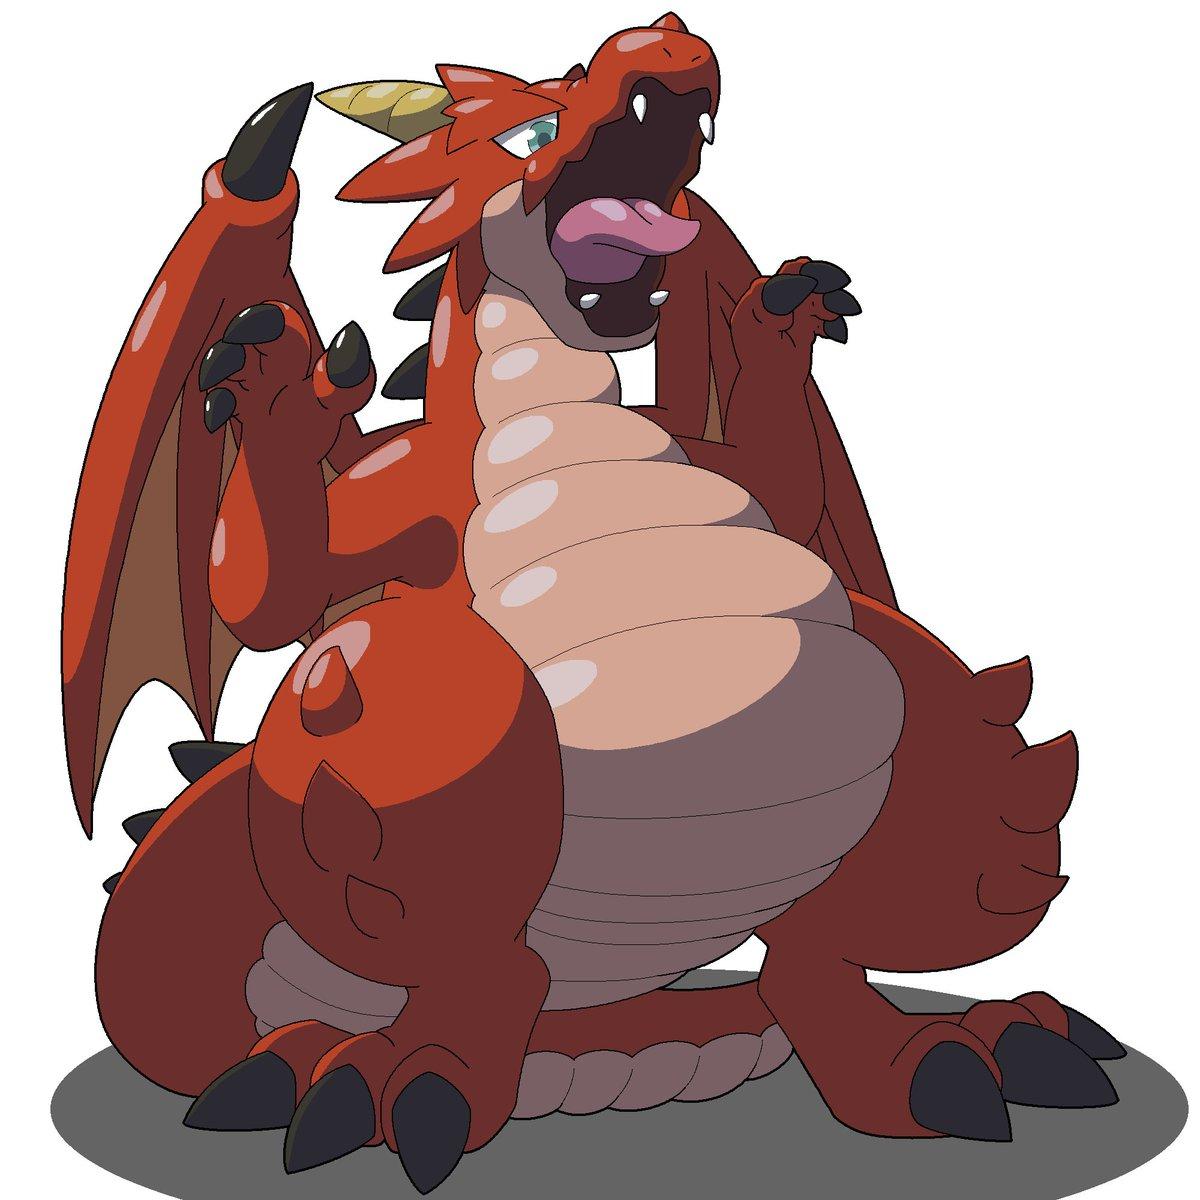 ドラゴンコレクションのファイアドレイク君。画像検索したらいくつか作品出たけど、リクエスト者的に多分この子。